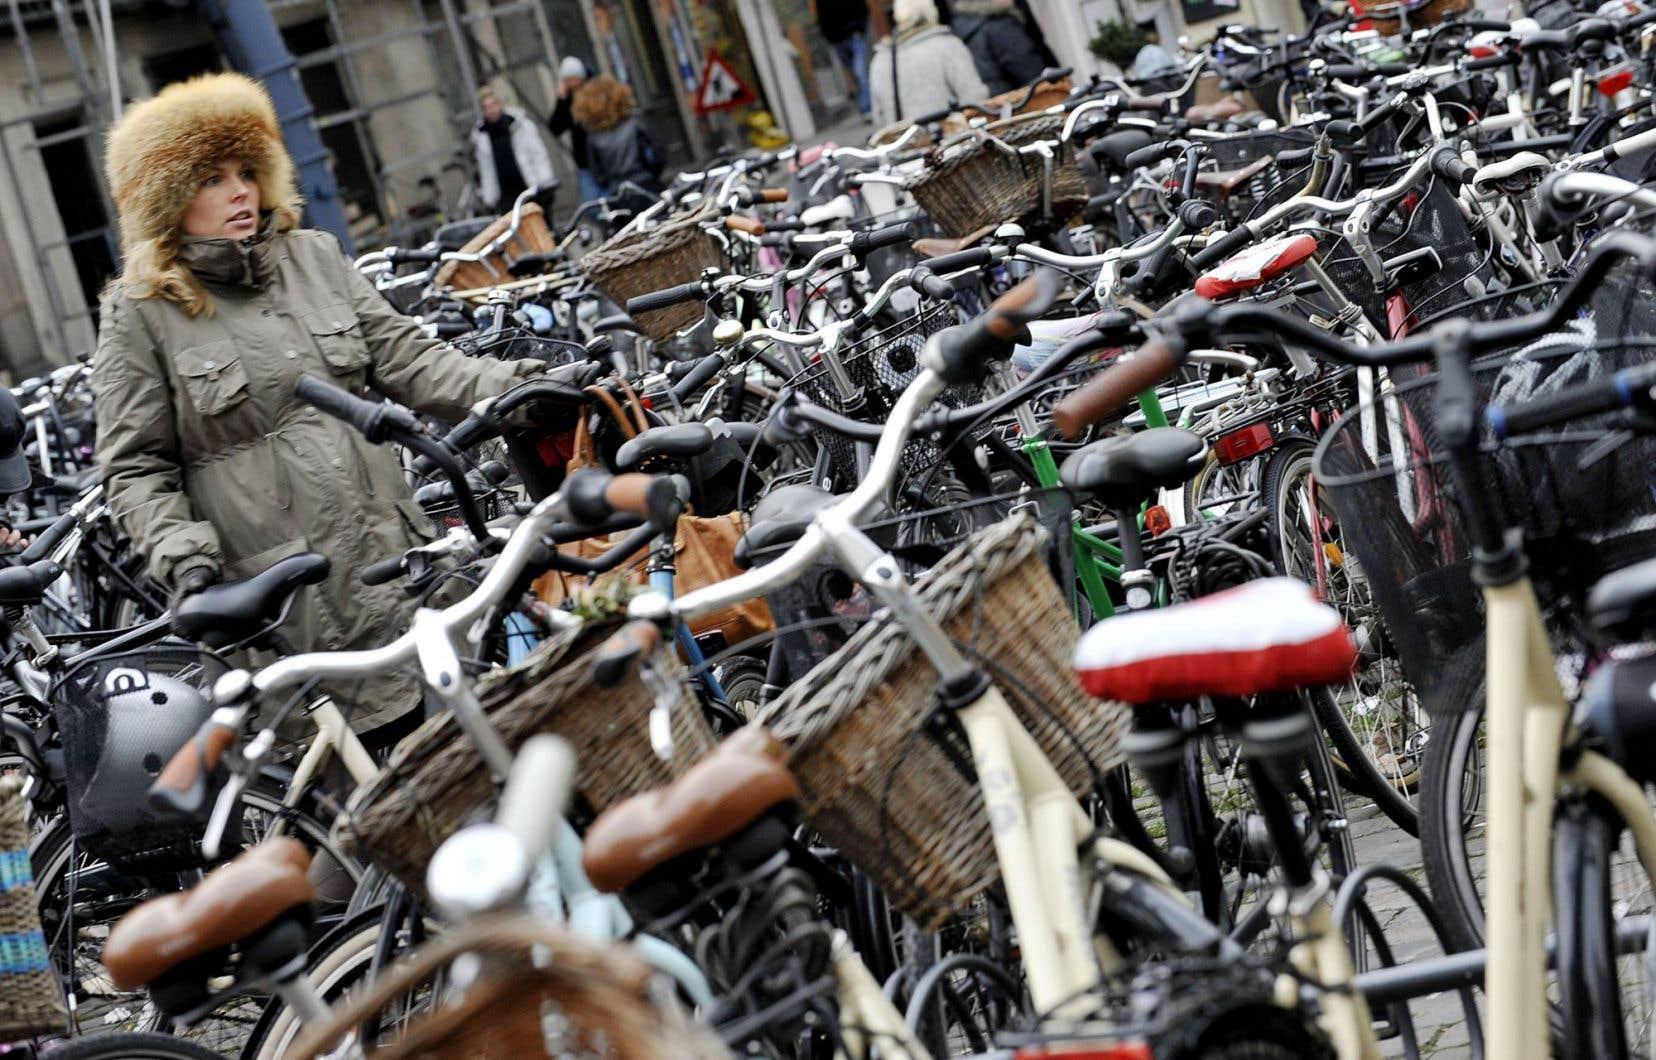 Été comme hiver, faire du vélo à Copenhague demeure l'option la plus simple pour les déplacements quotidiens.